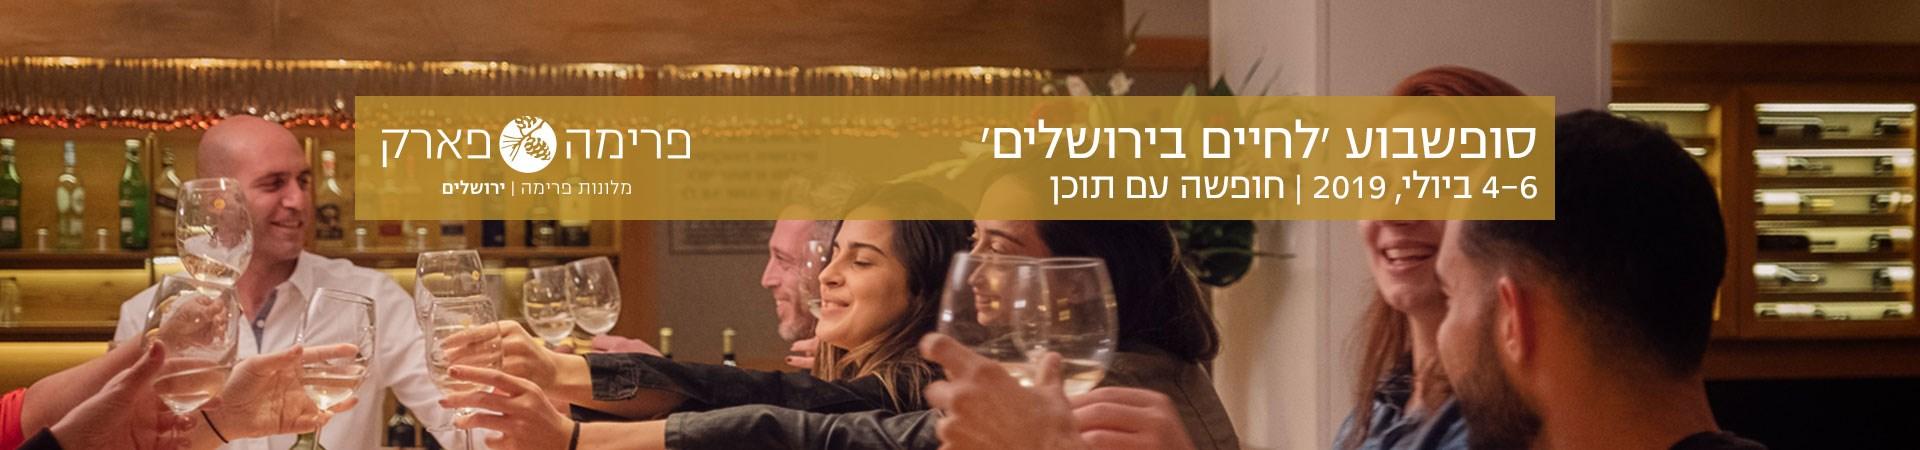 סופש לחיים בירושלים